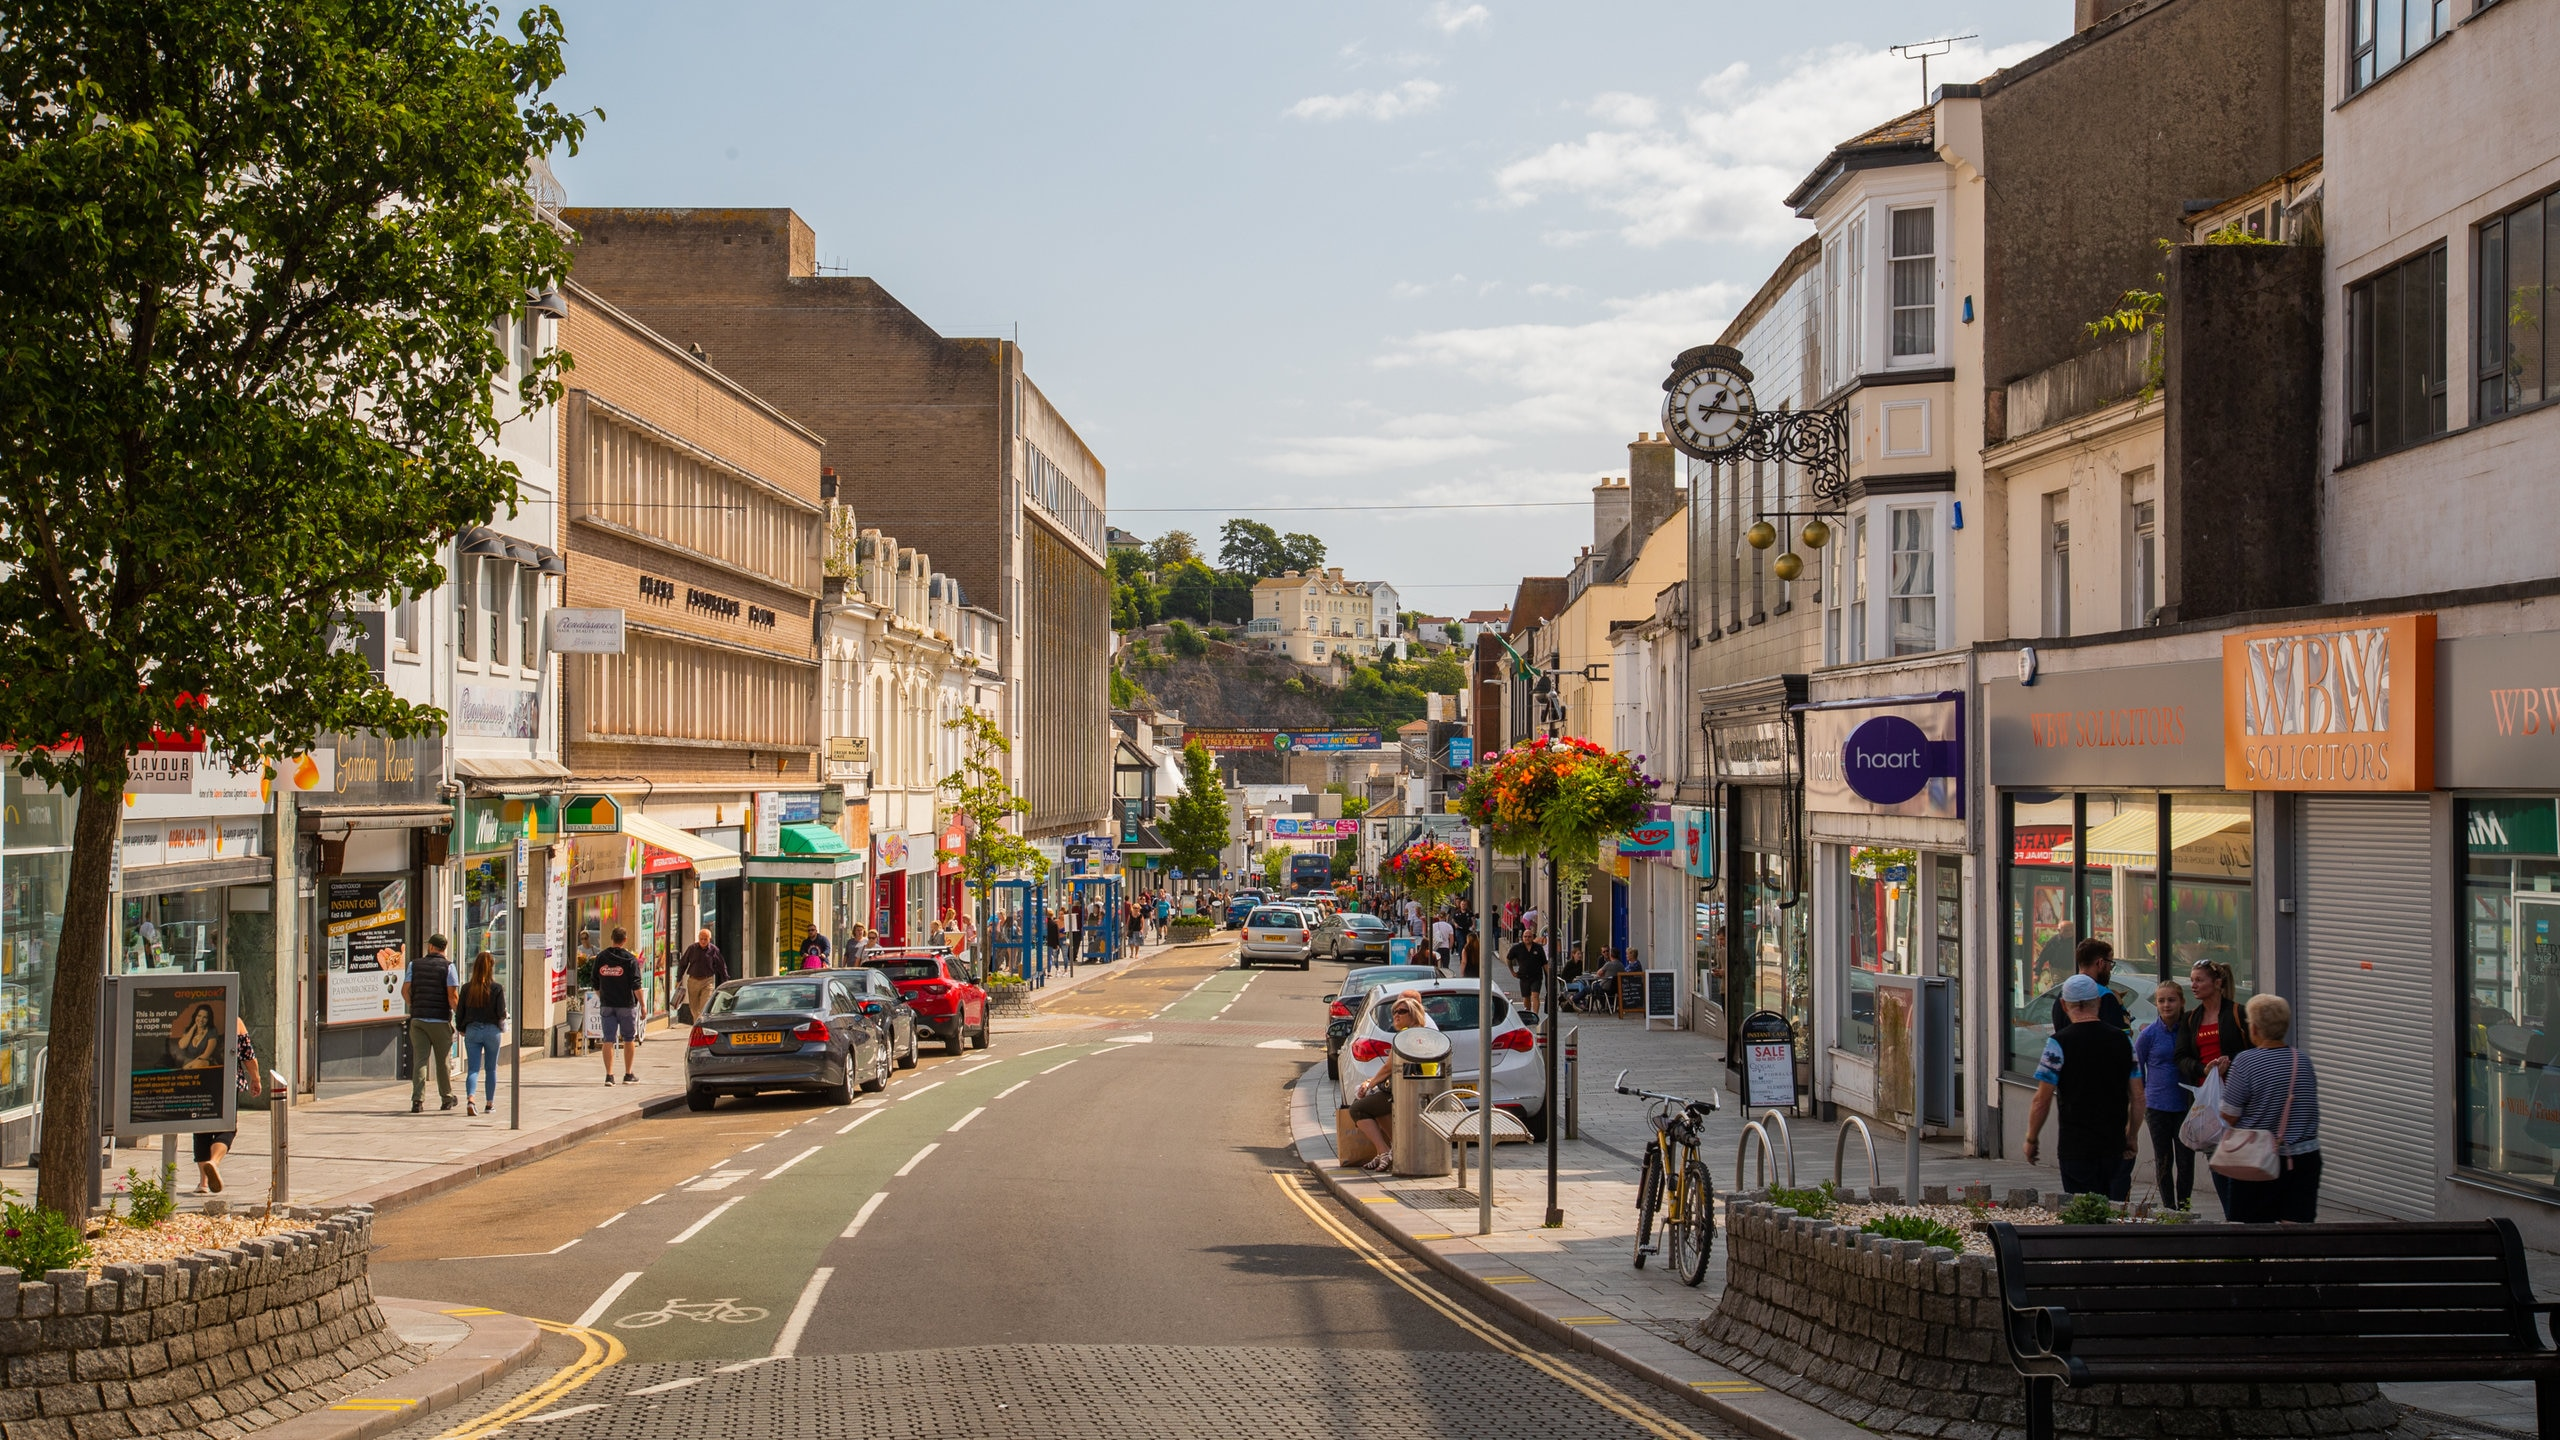 Torquay City Centre, Torquay, England, United Kingdom